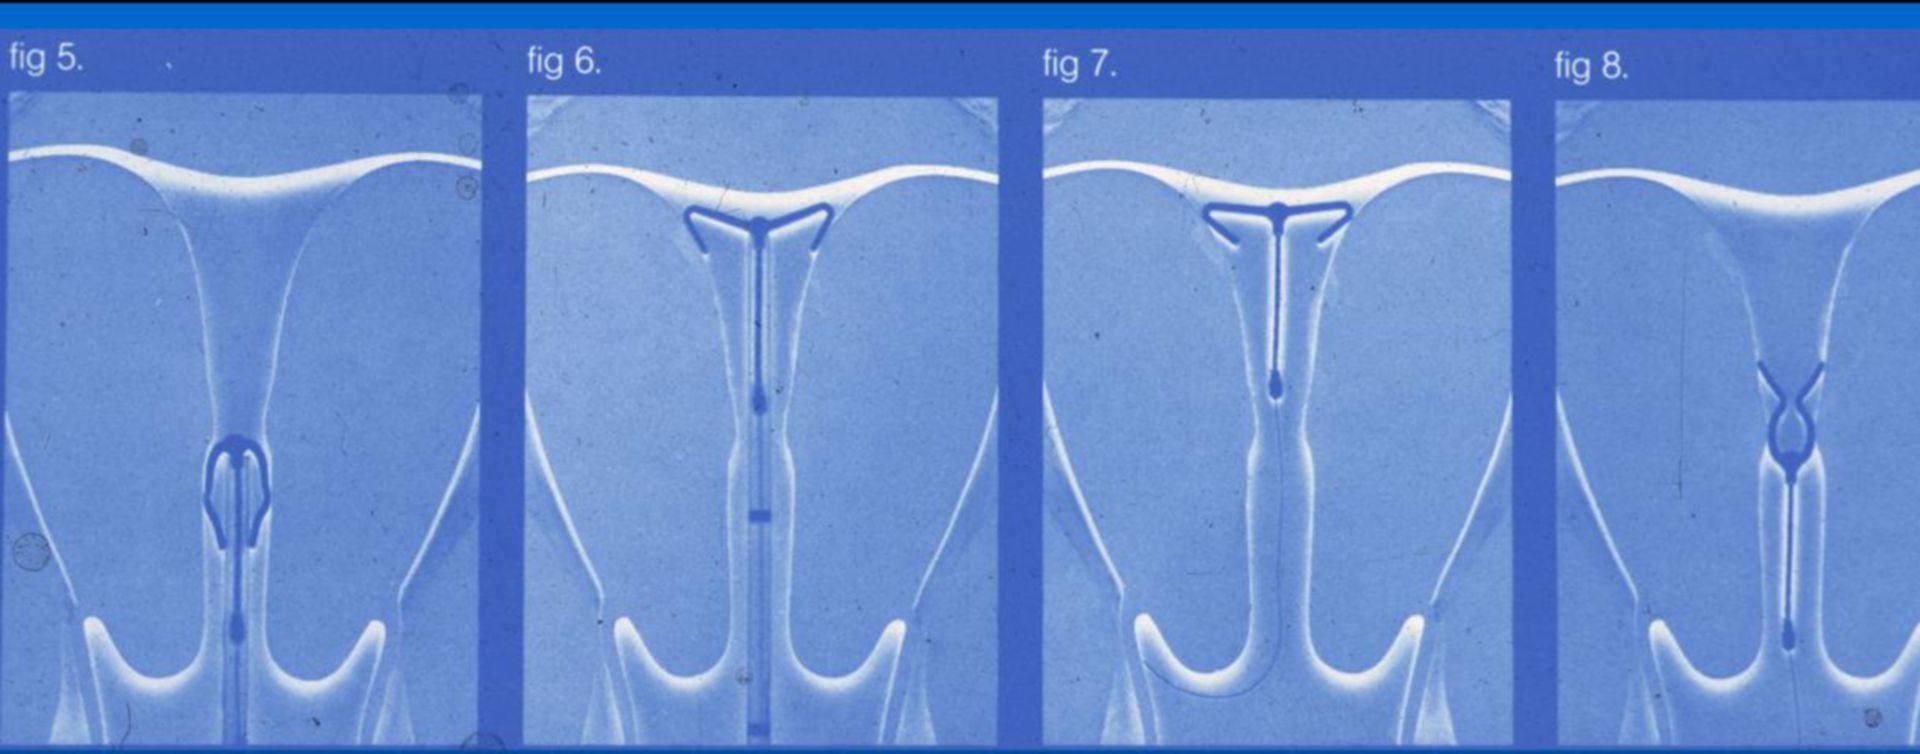 Flexi-T  IUDs